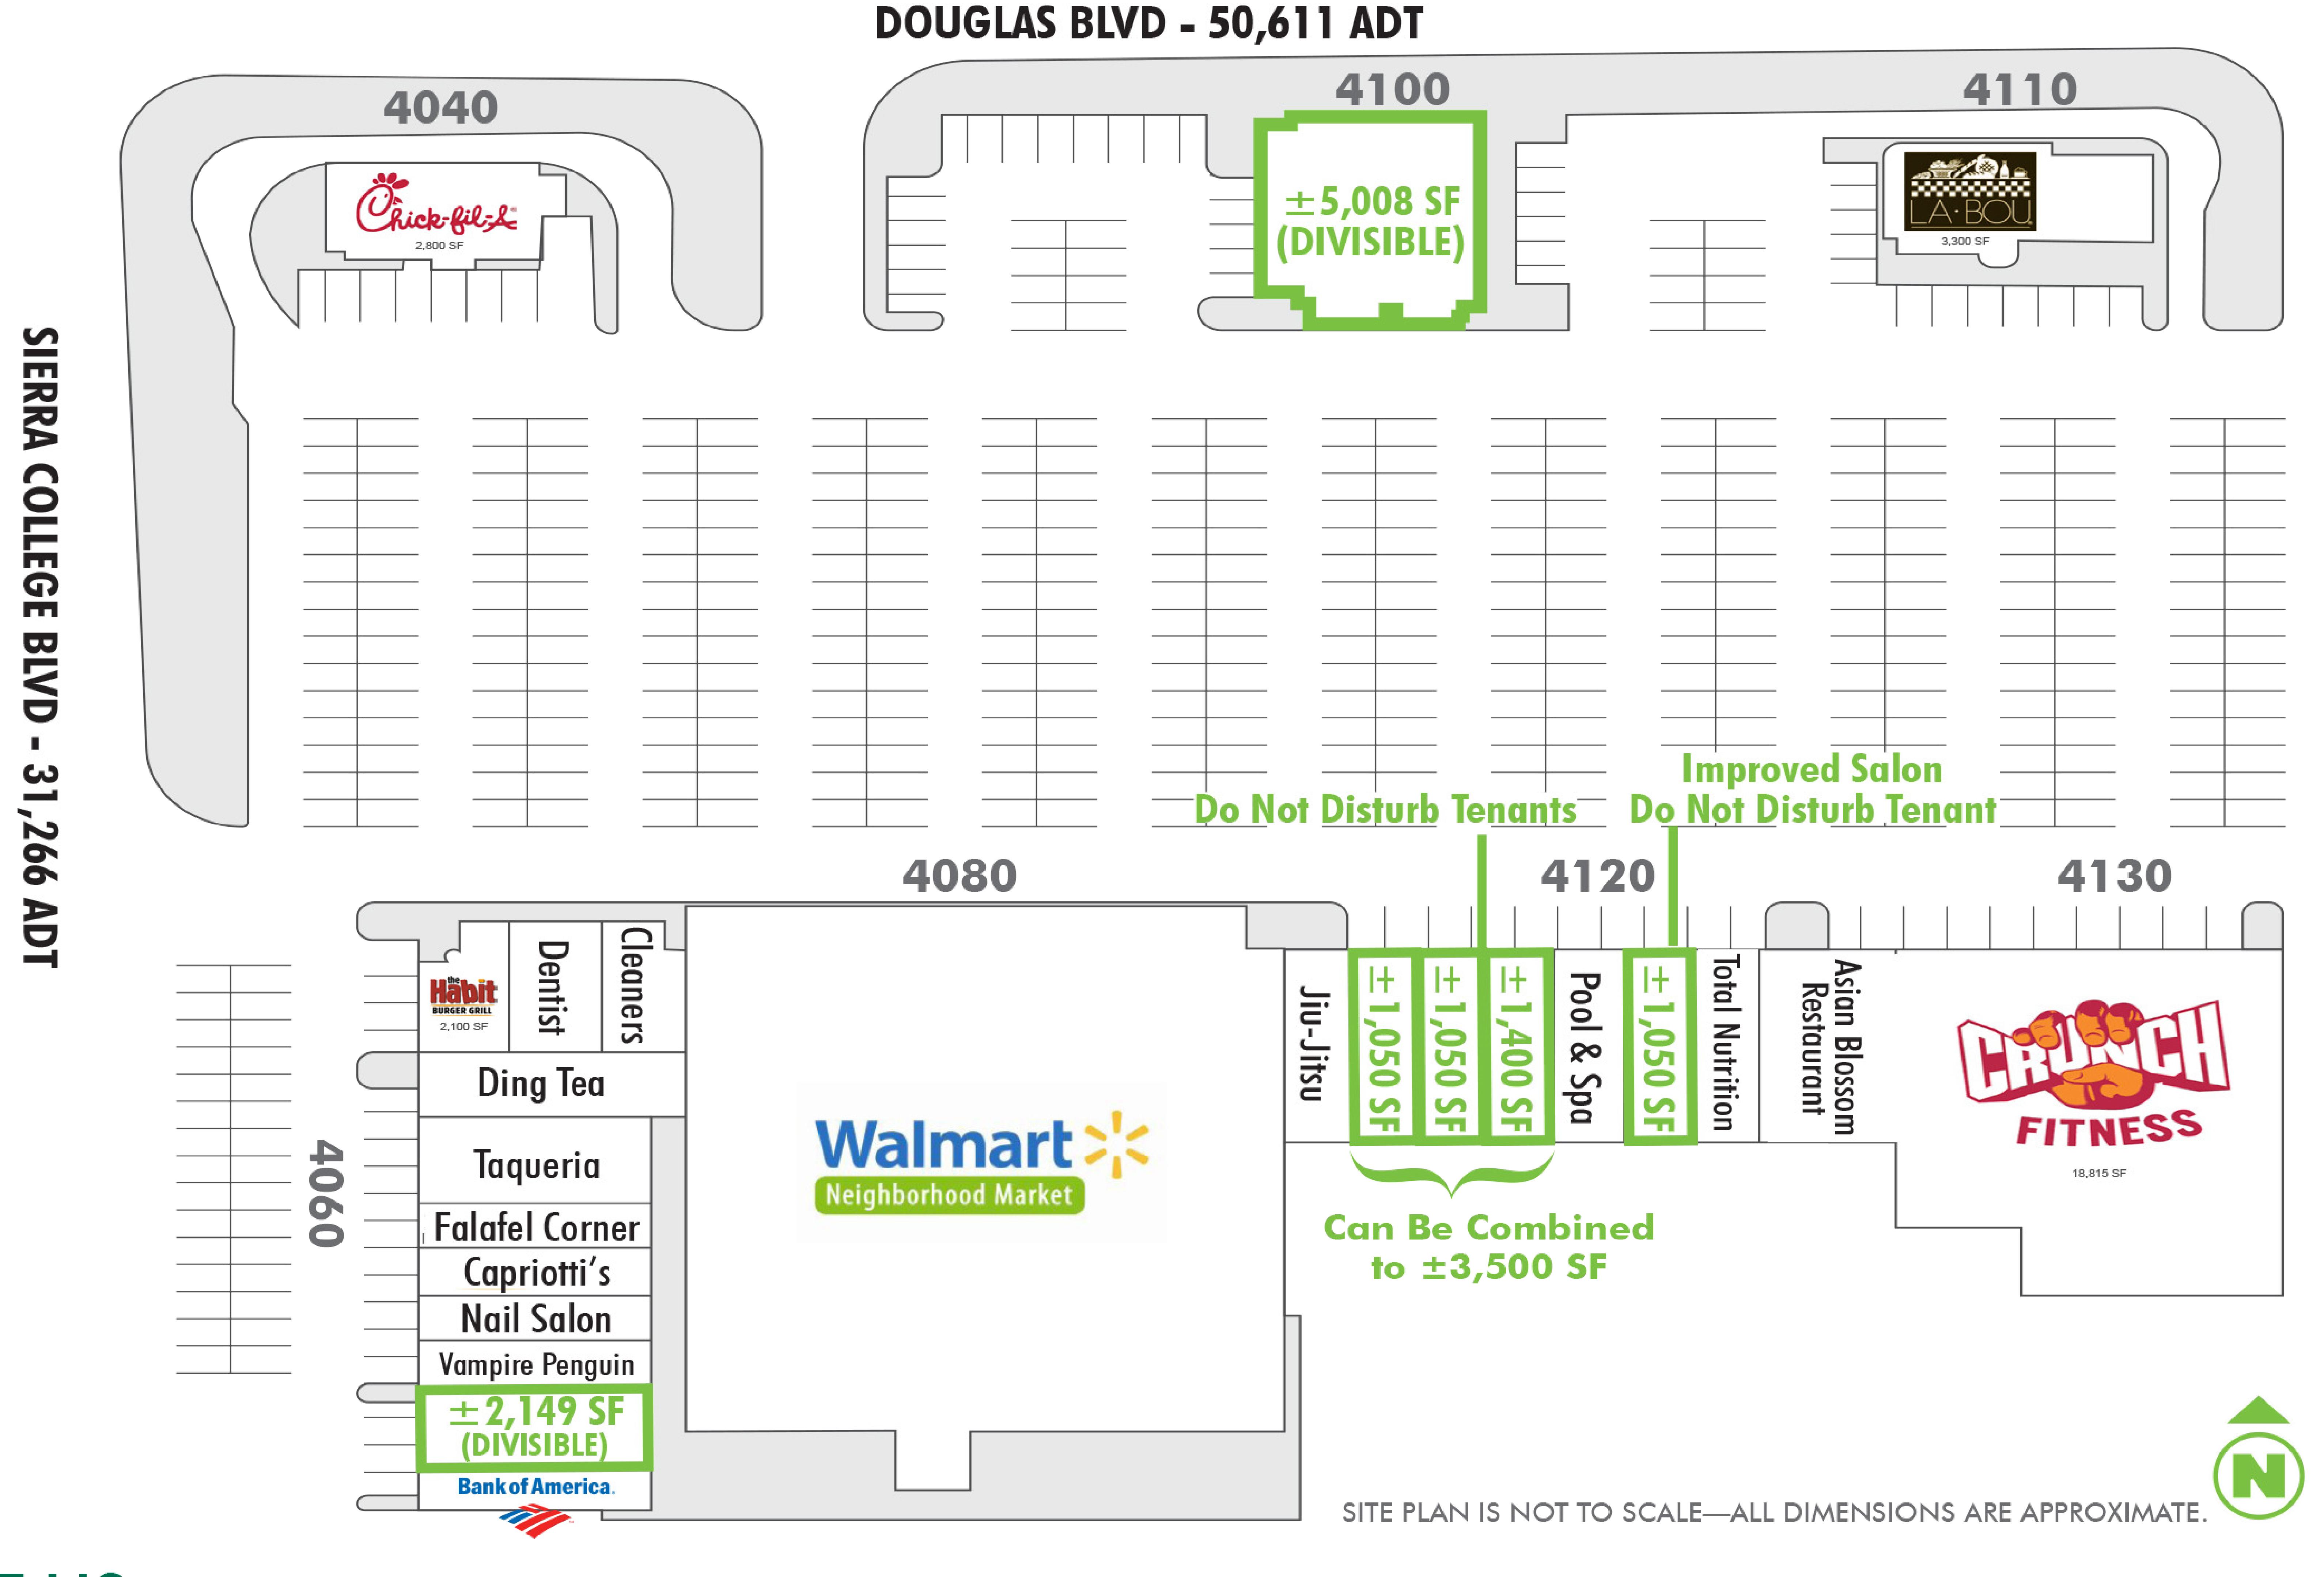 Sierra Oaks Plaza: site plan